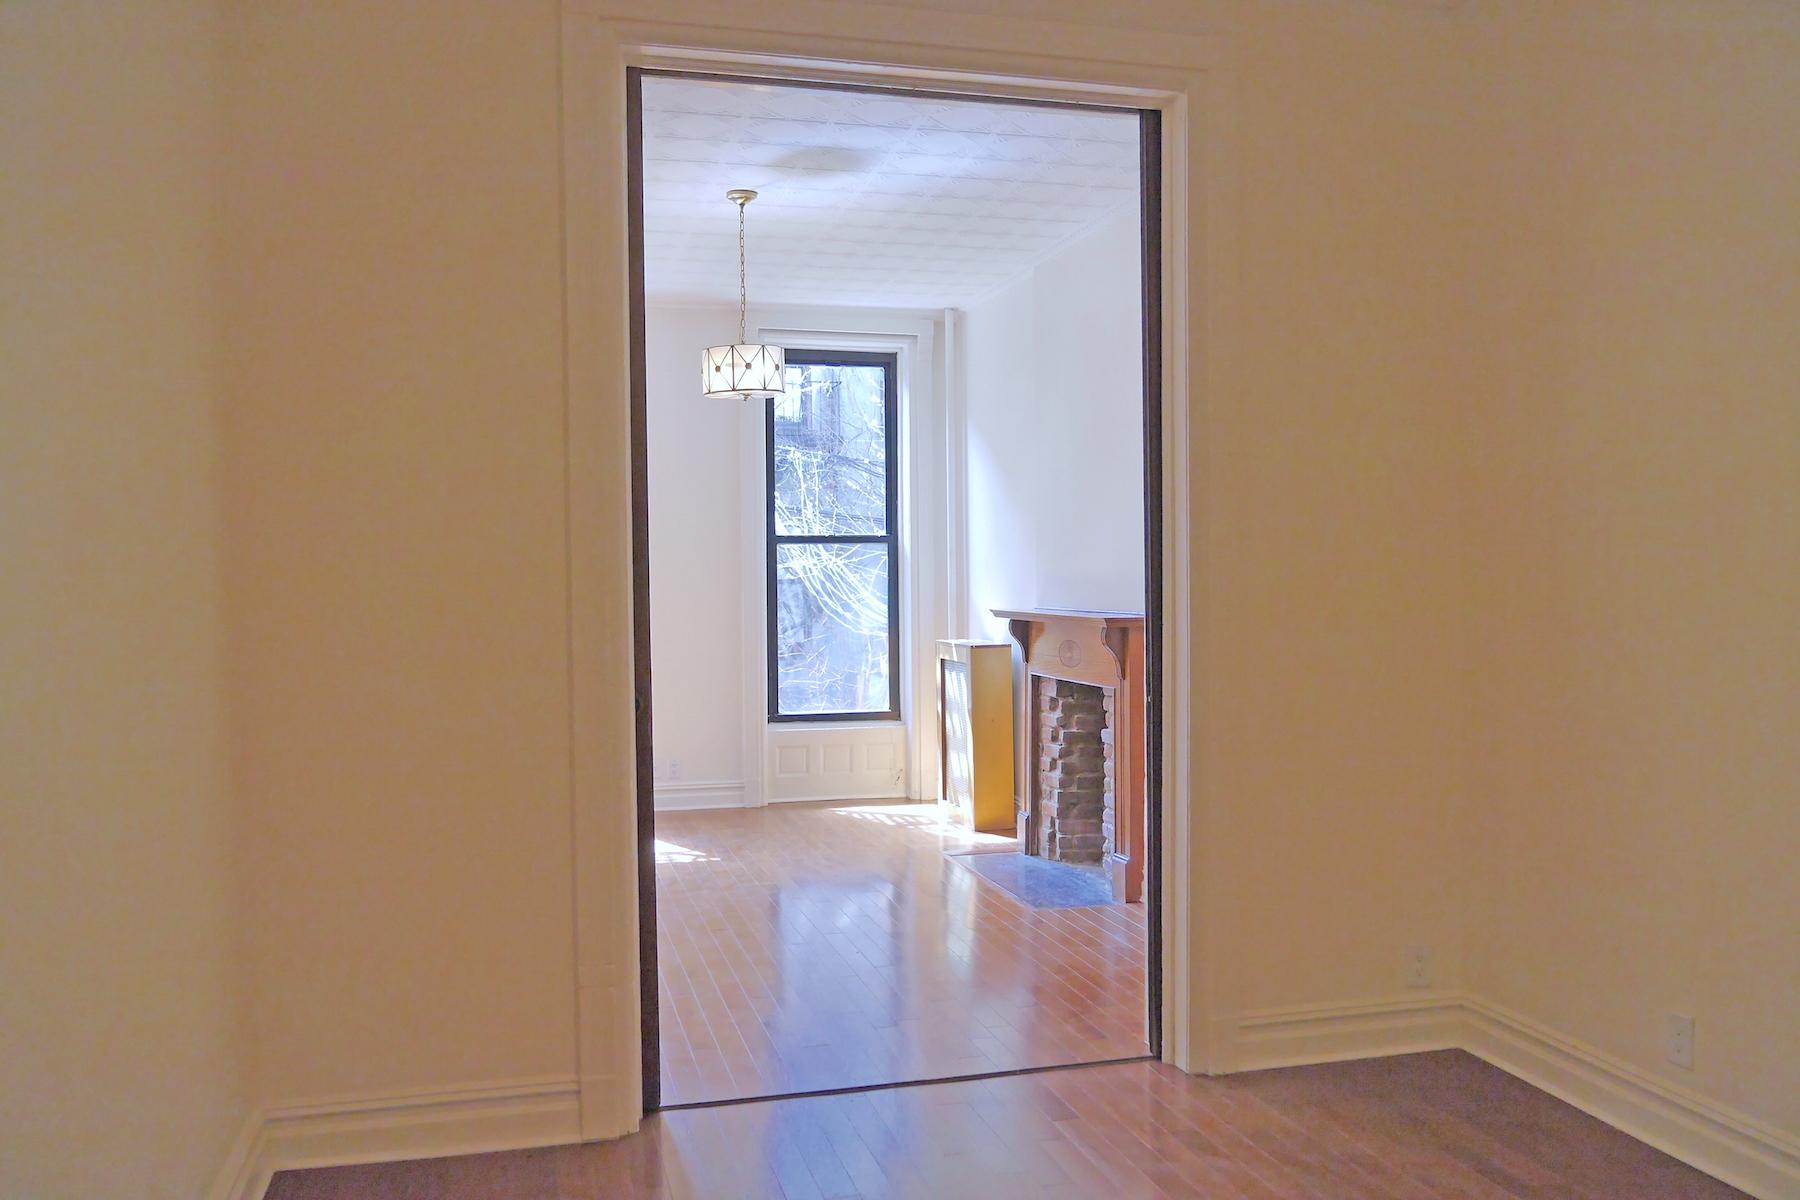 联栋屋 为 出租 在 128 Berkeley Place 布鲁克林, 纽约州 11215 美国